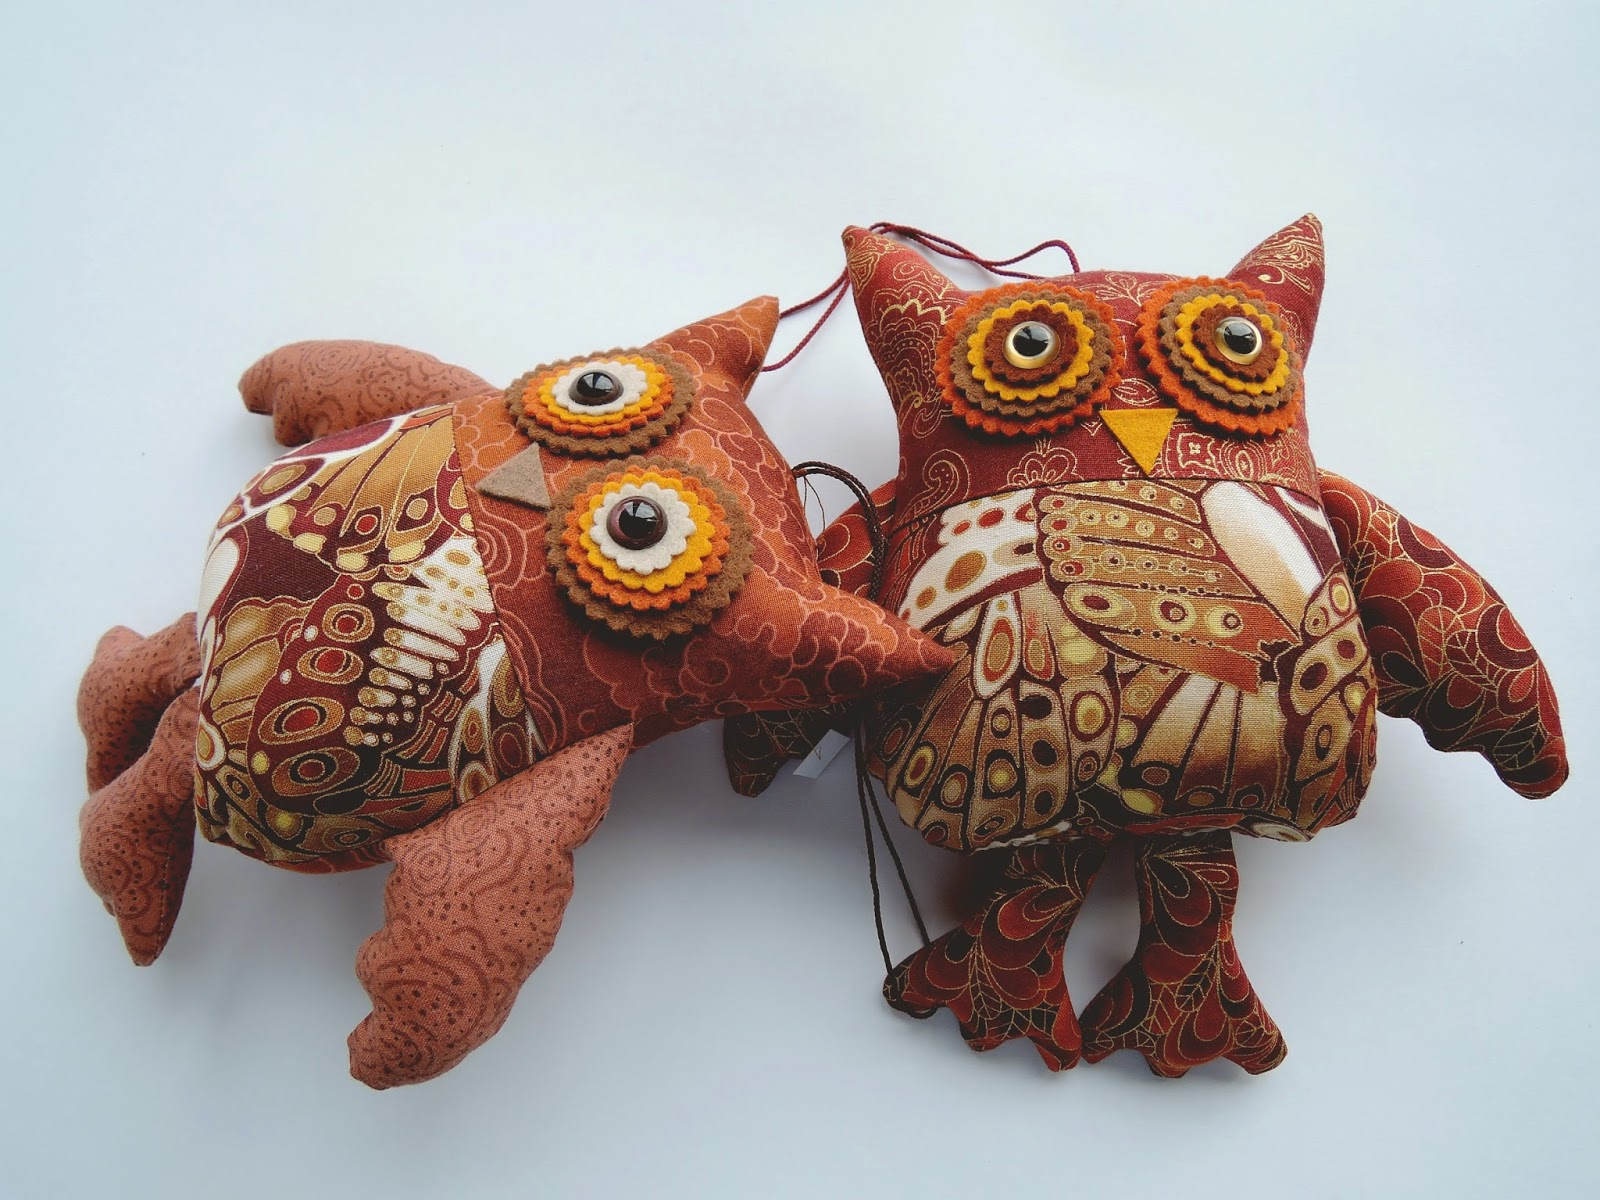 совы игрушки коричневого цвета